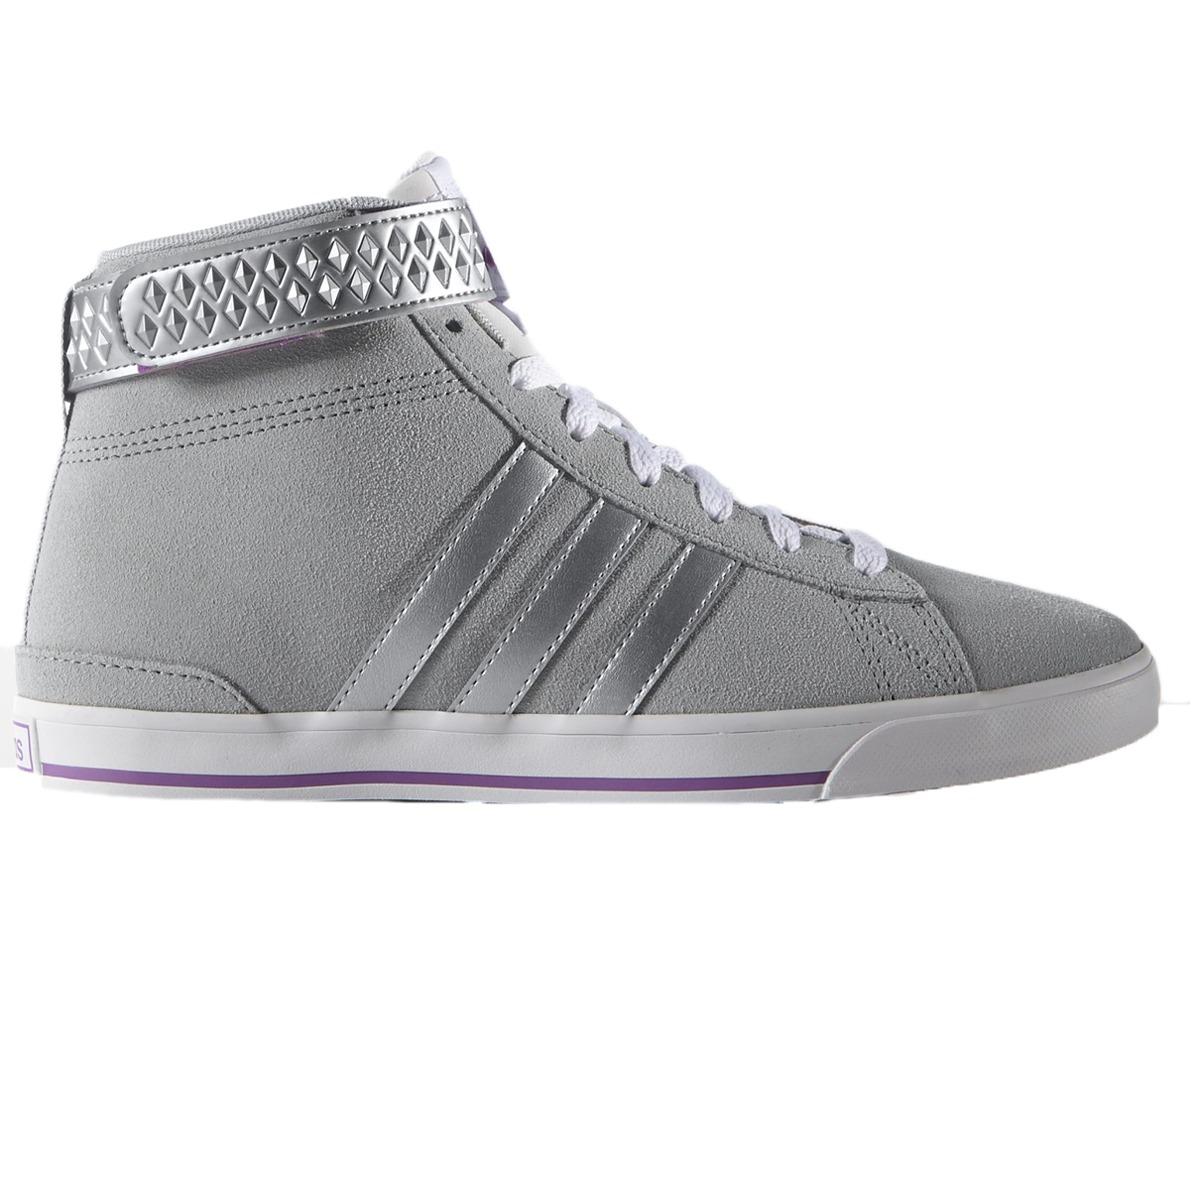 botas adidas moda daily twist mid w mujer gr pl. Cargando zoom. 84181a9fc3ff0